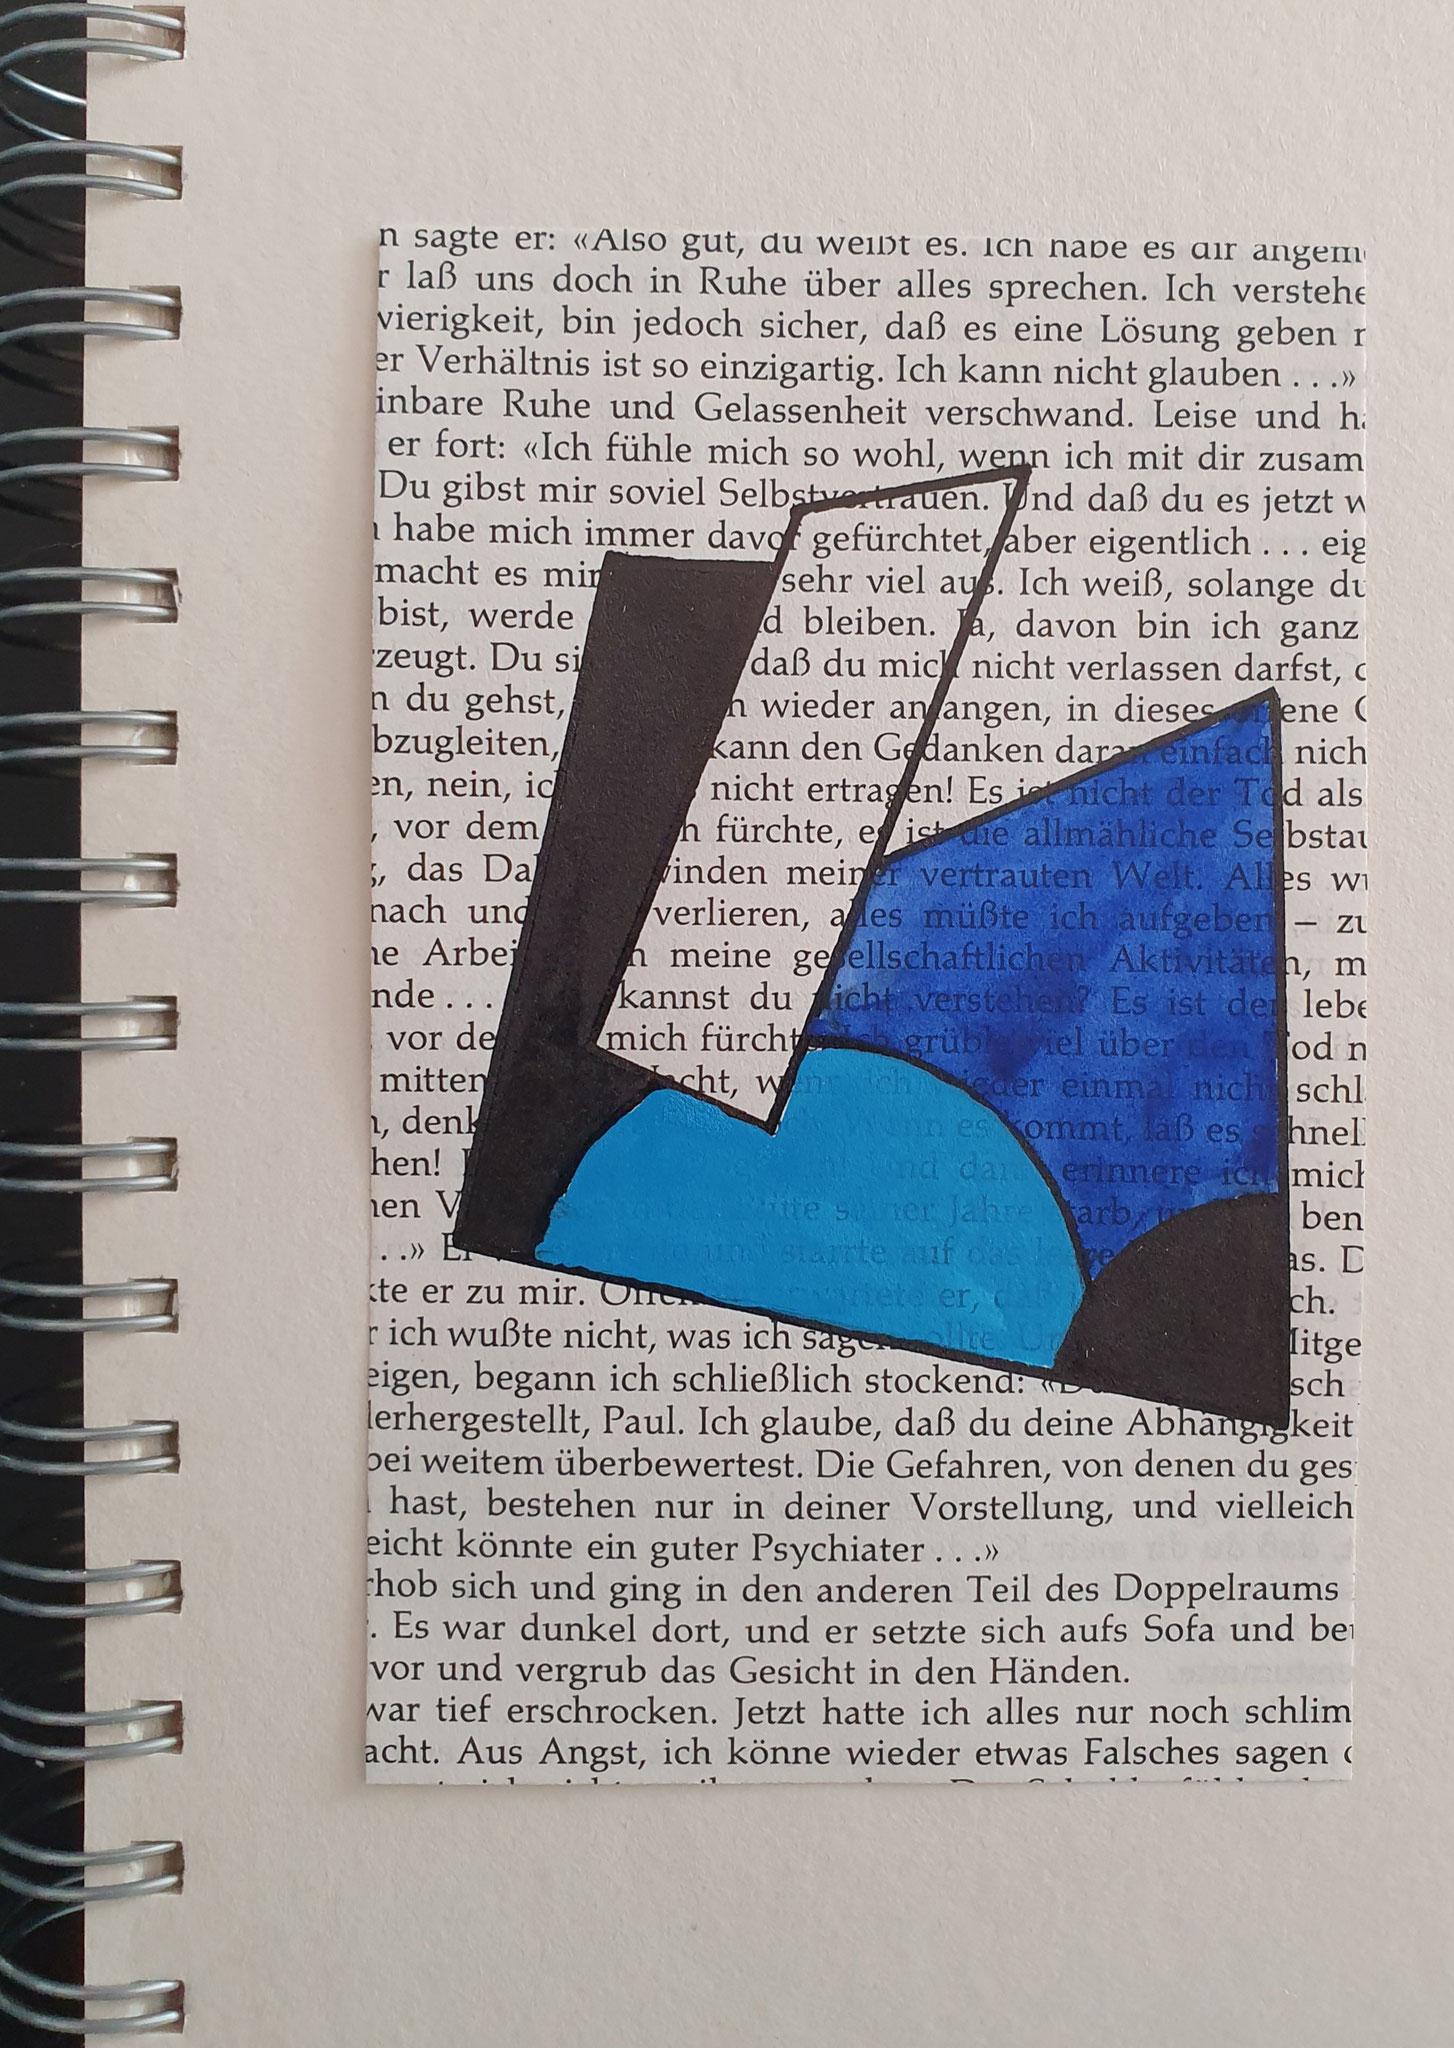 Corona Tagebuch 27.03.2020